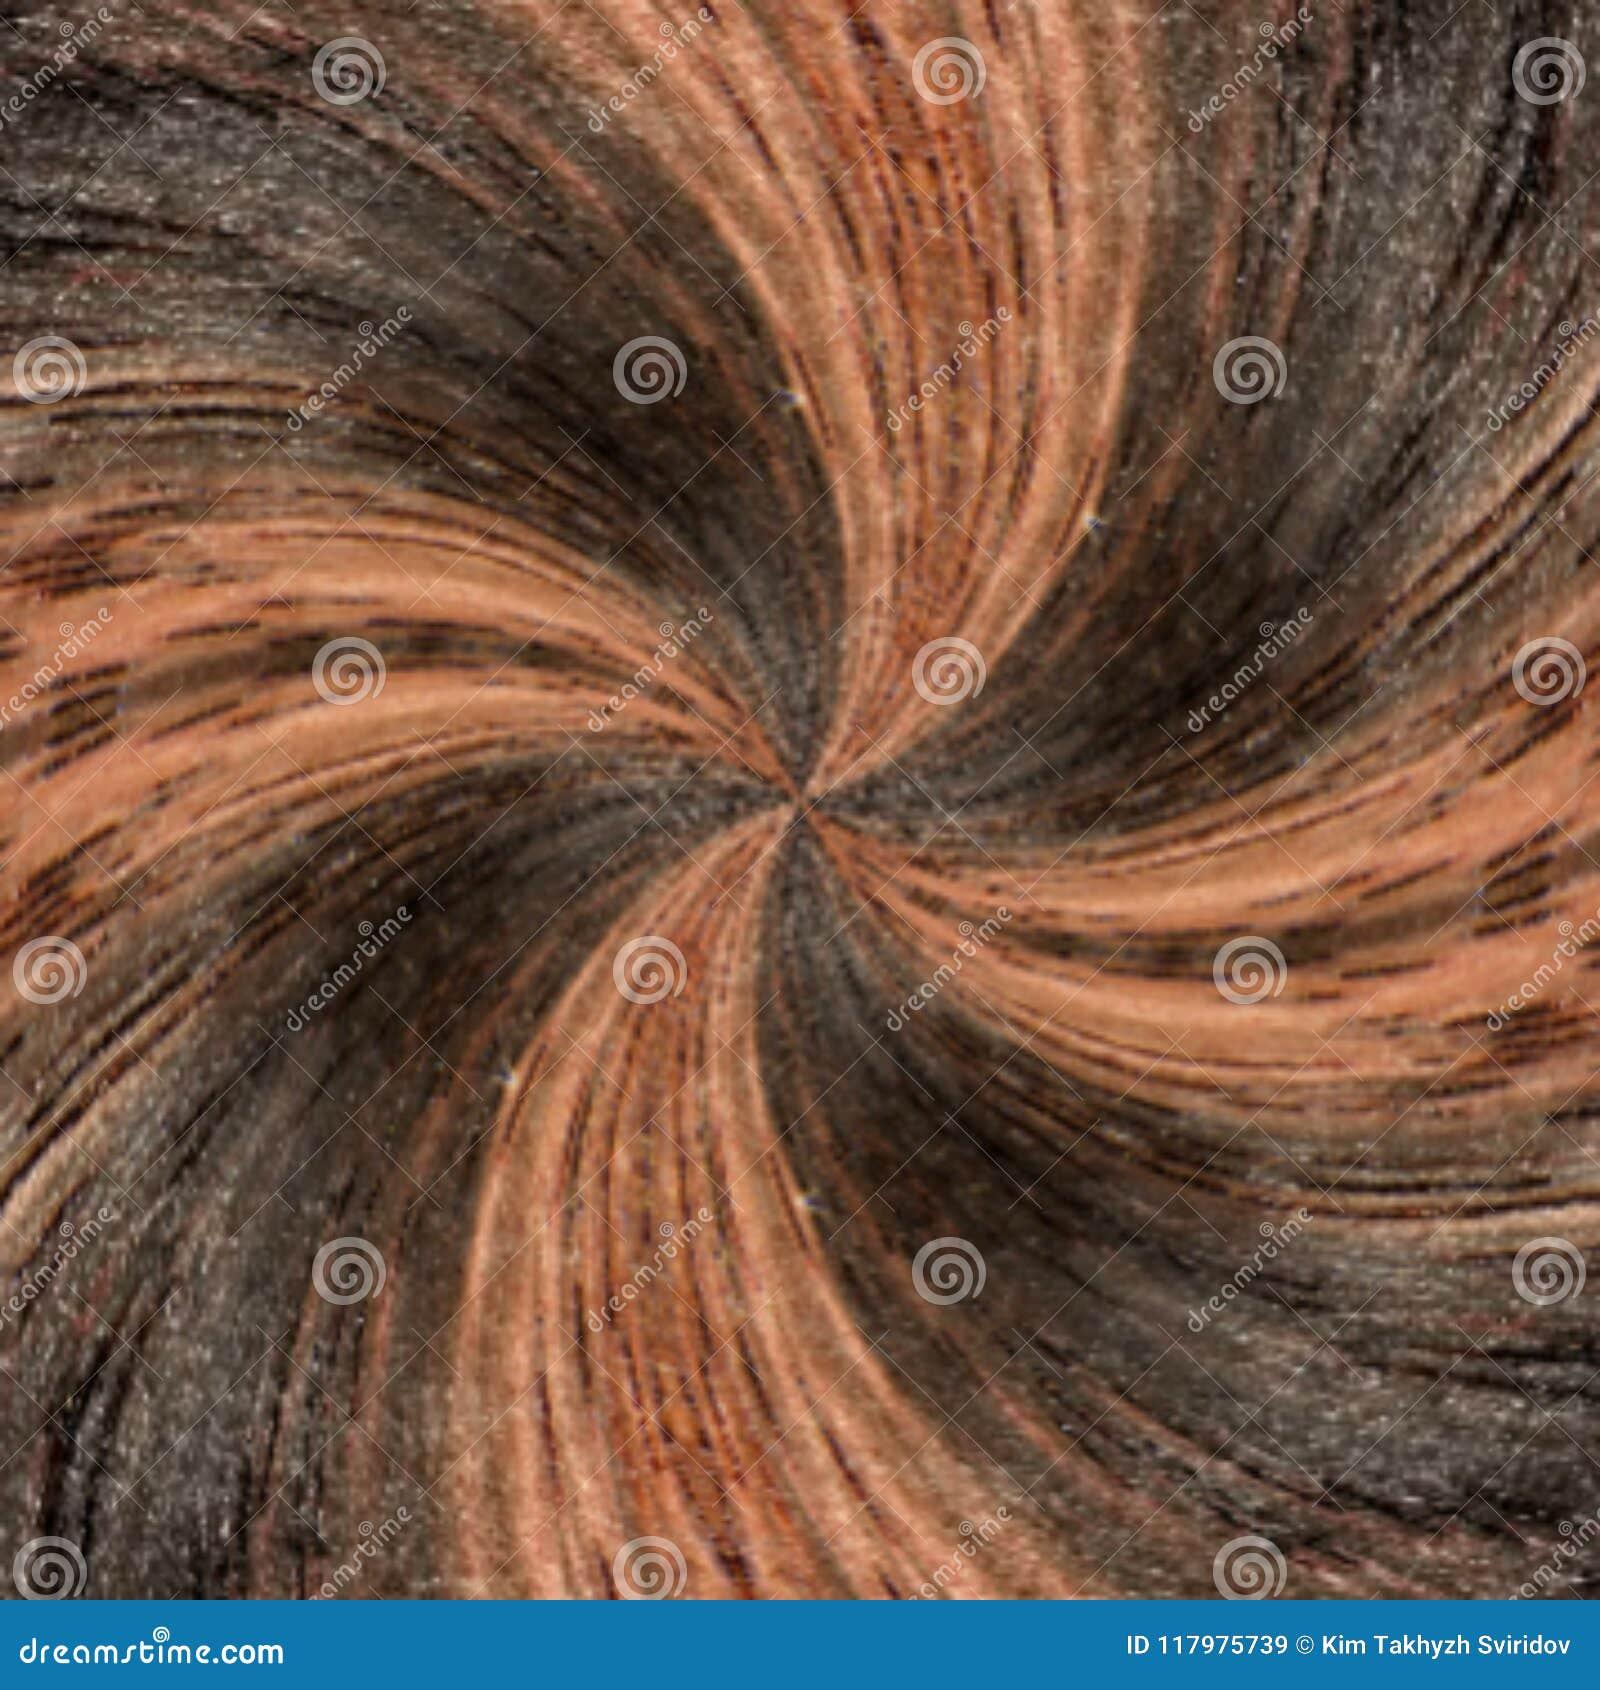 3D Illustratie Abstract beeld van een houten oppervlakte van een boom